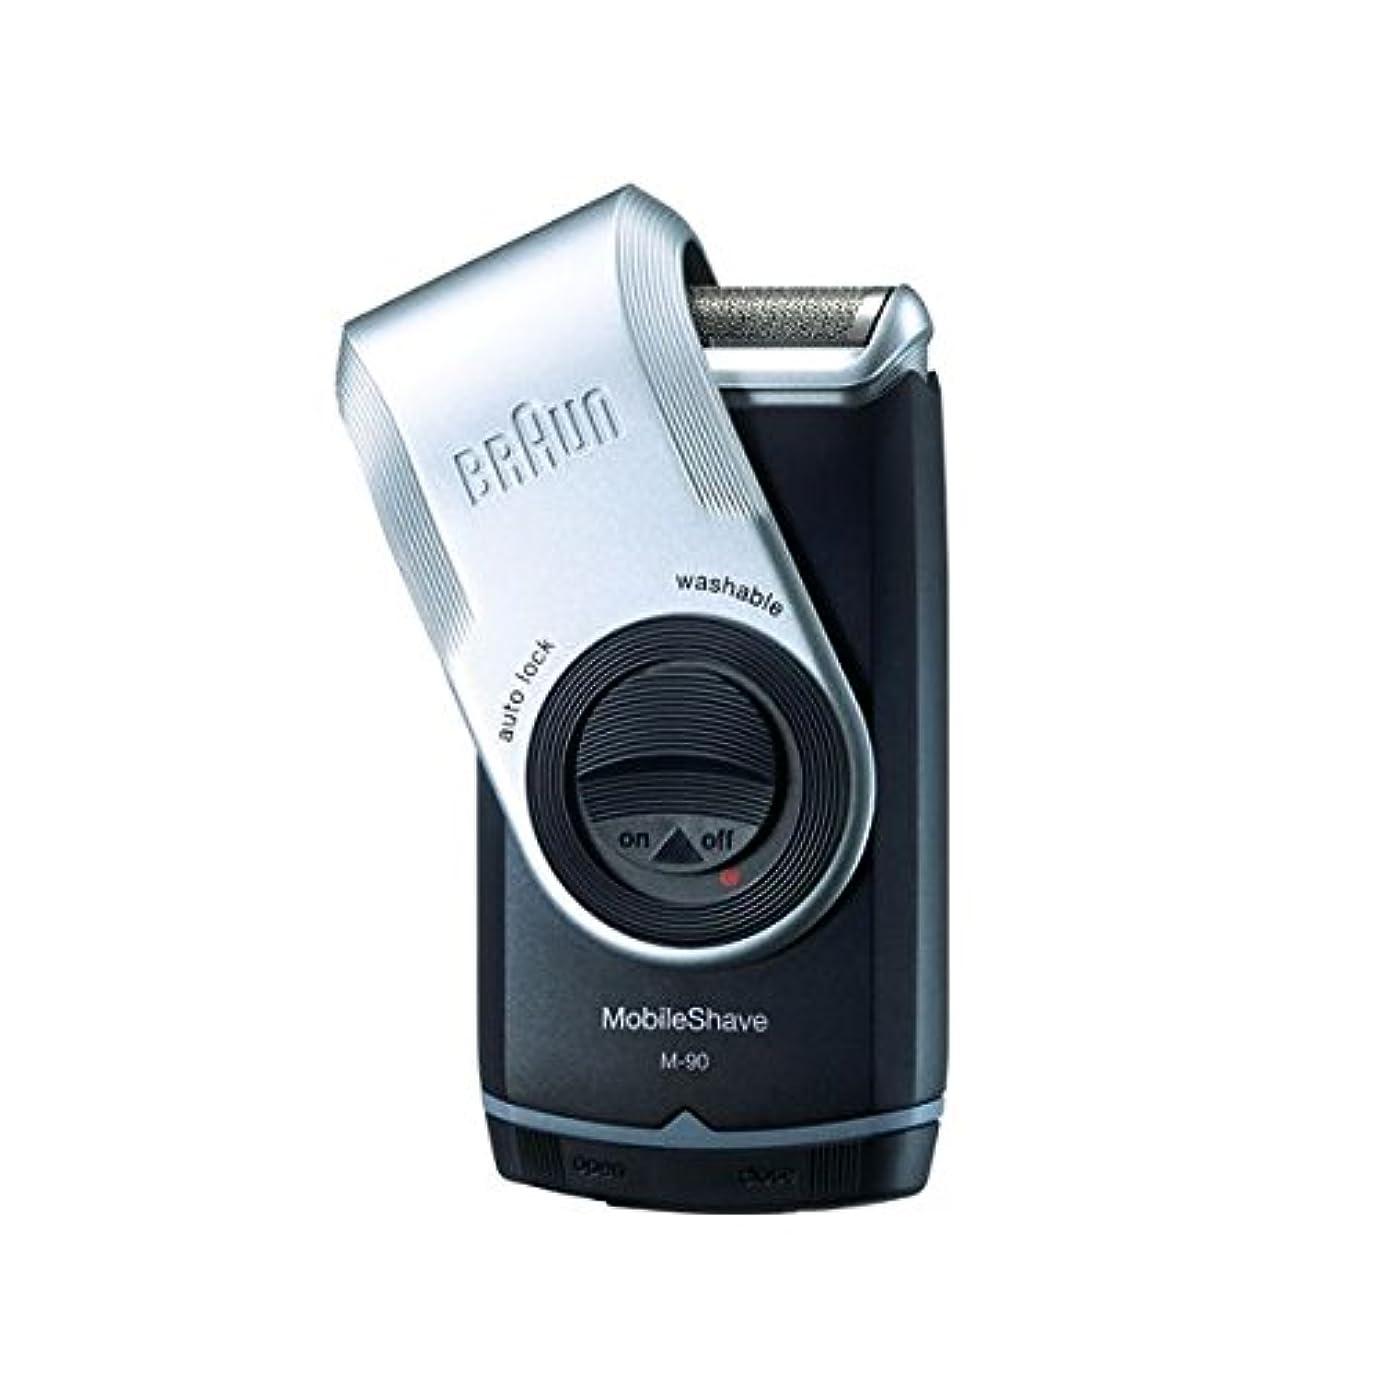 クレア瀬戸際スツールBRAUN(ブラウン) シェーバー モバイルシェーブ(携帯型) M-90 ds-792921